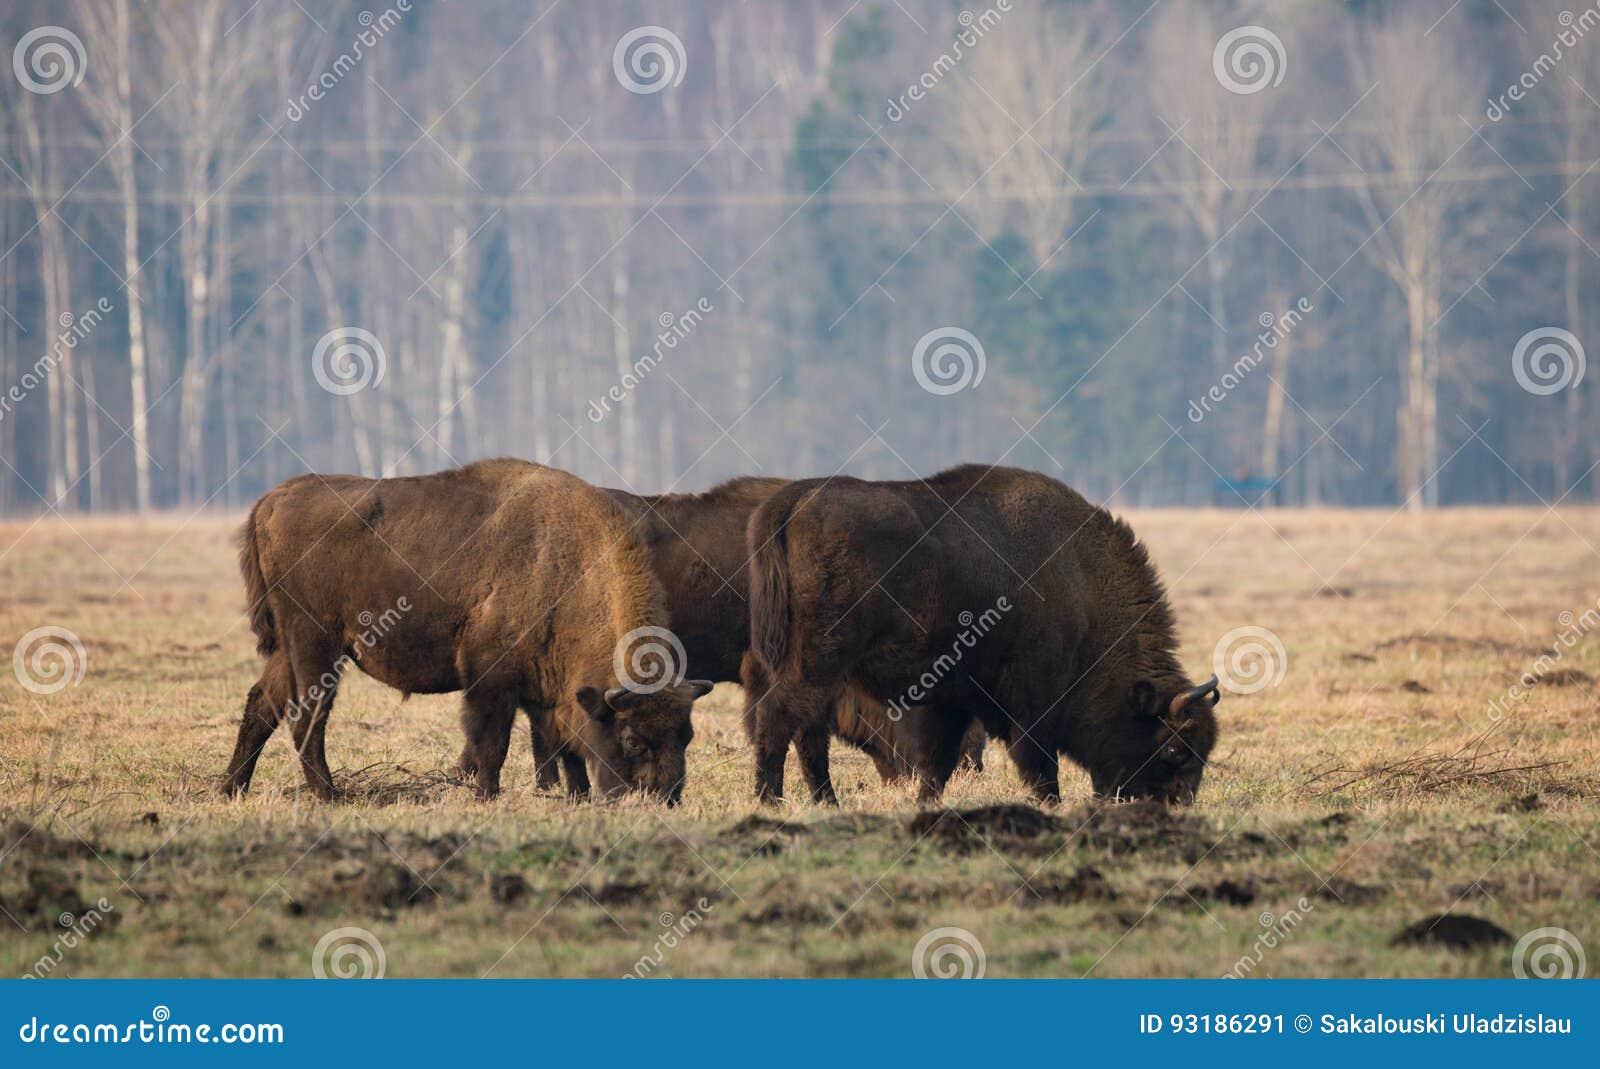 Einiges großer Aurochs, der auf dem Feld weiden lässt Etwas großer brauner Bison auf dem Waldhintergrund